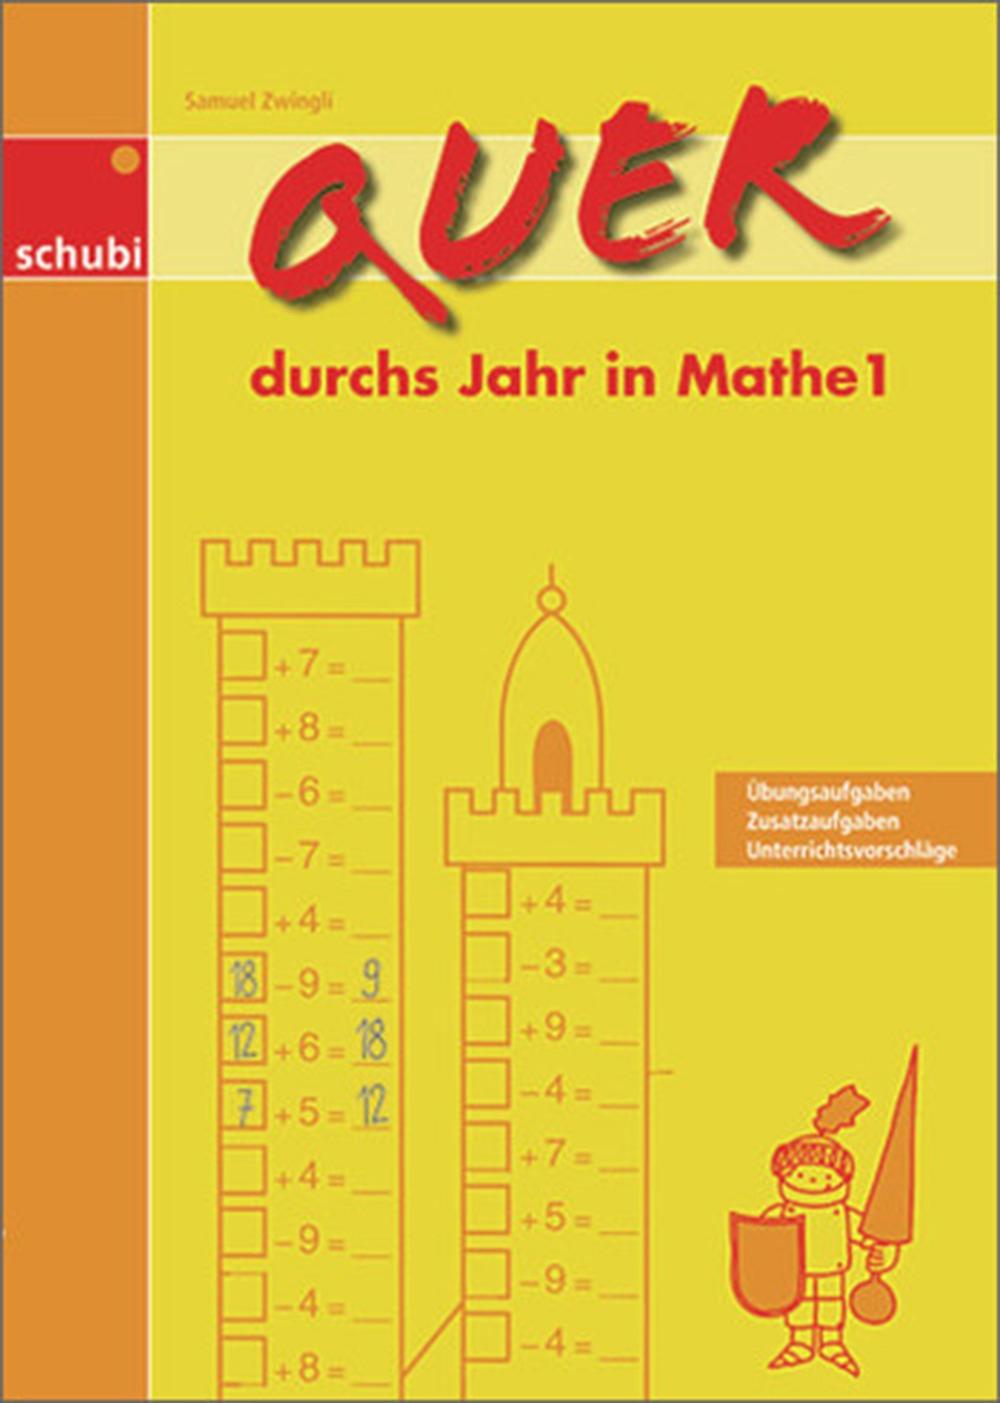 Quer durchs Jahr in Mathe 1 - SCHUBI